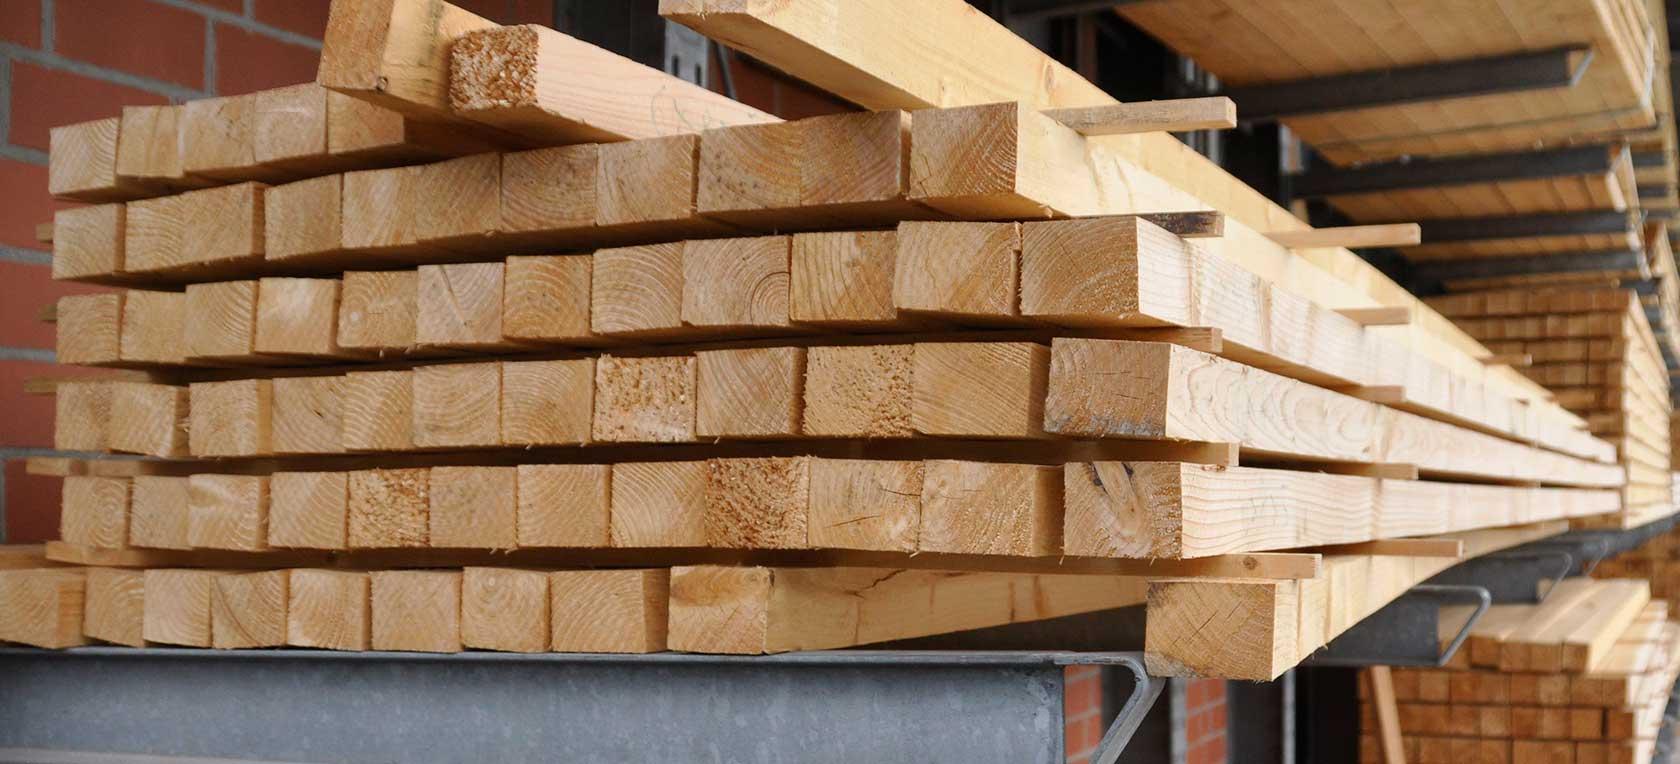 Baustoff Woschick e.K. | Holz- und Baustoffhändler in Ascheberg